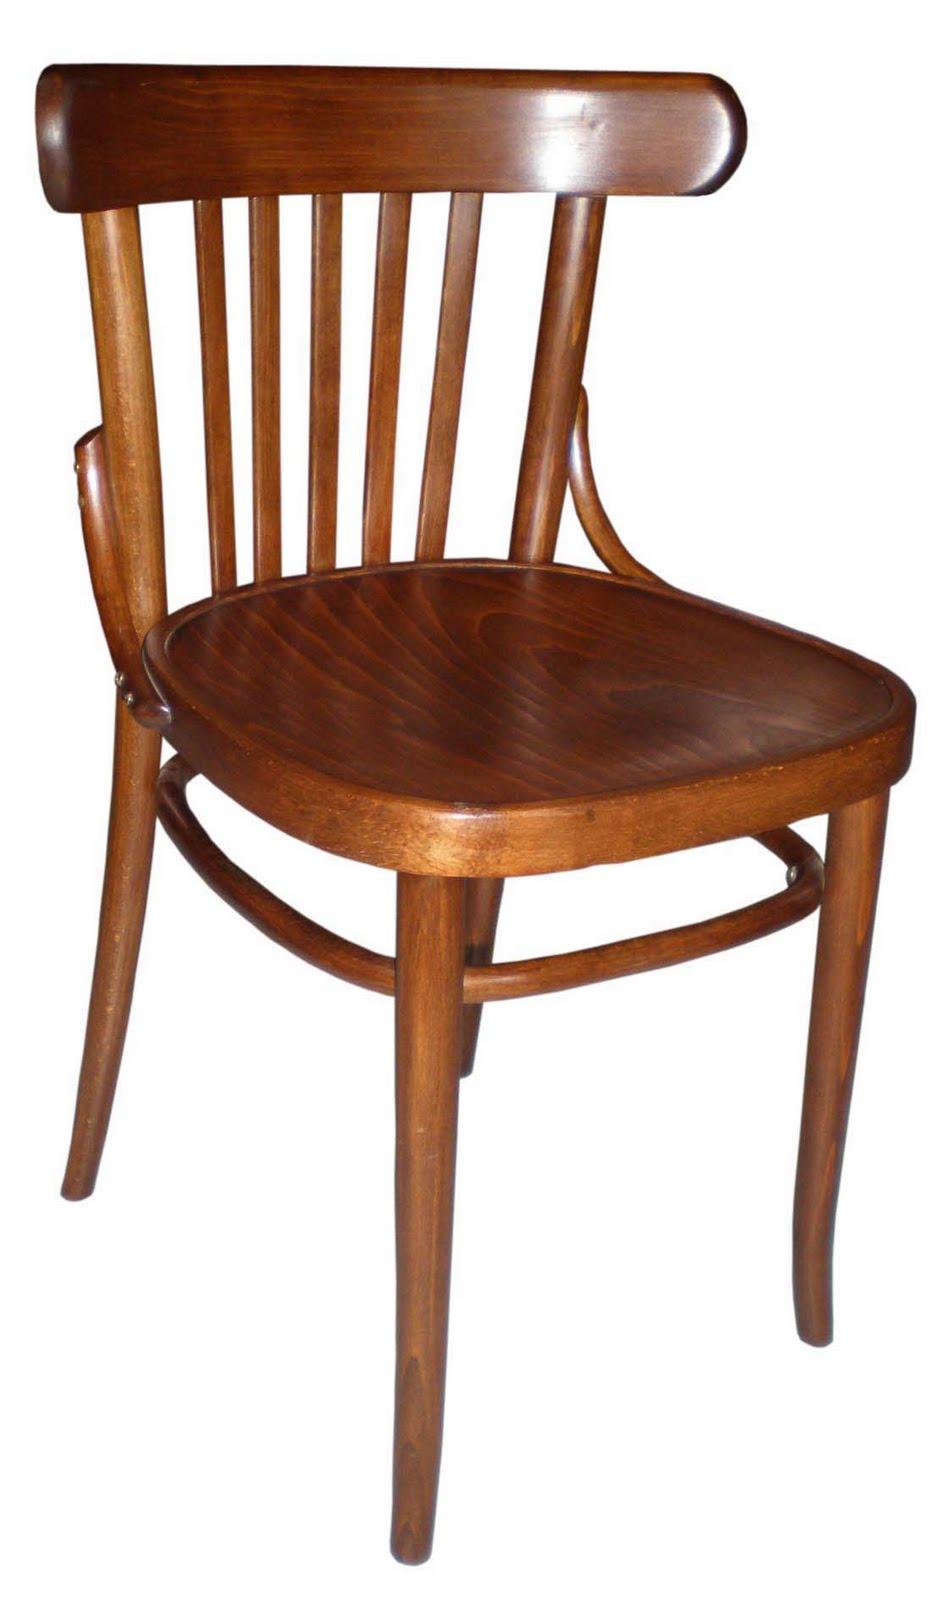 morgane caradec restauration chaise bistrot. Black Bedroom Furniture Sets. Home Design Ideas